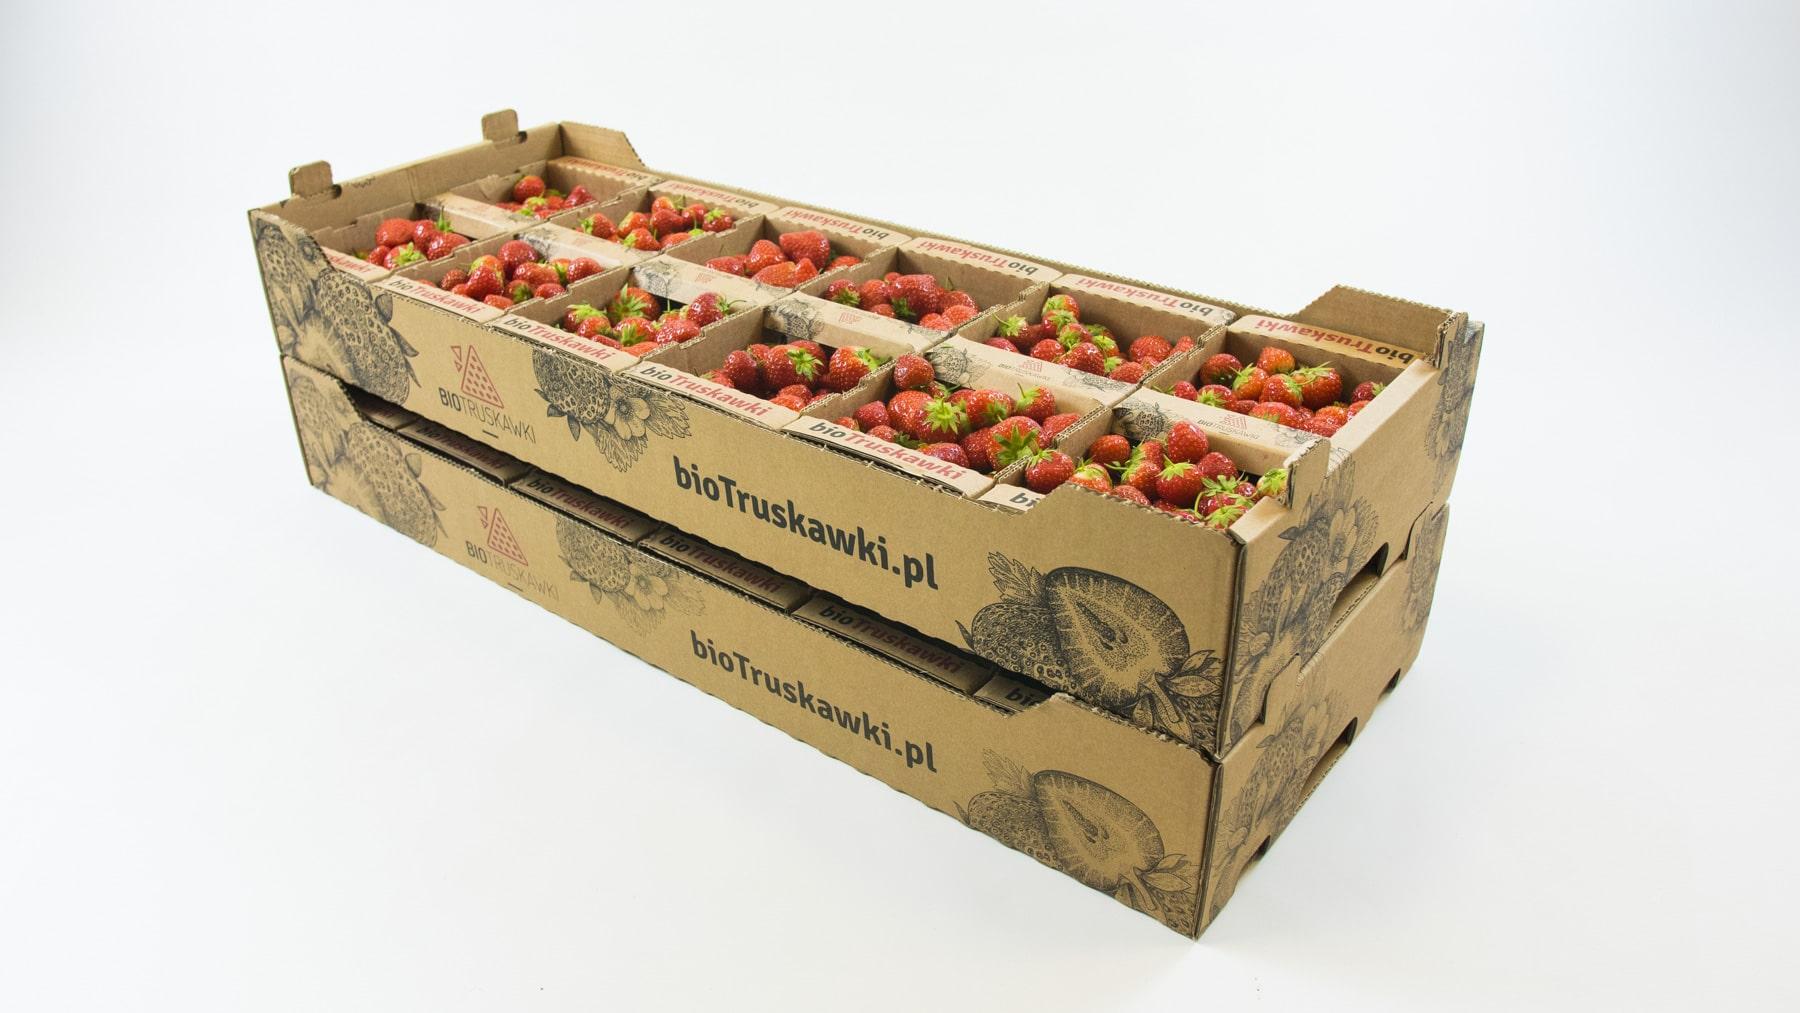 Imballaggio per ortofrutta Smurfit Kappa - soluzioni di packaging innovative e sostenibili